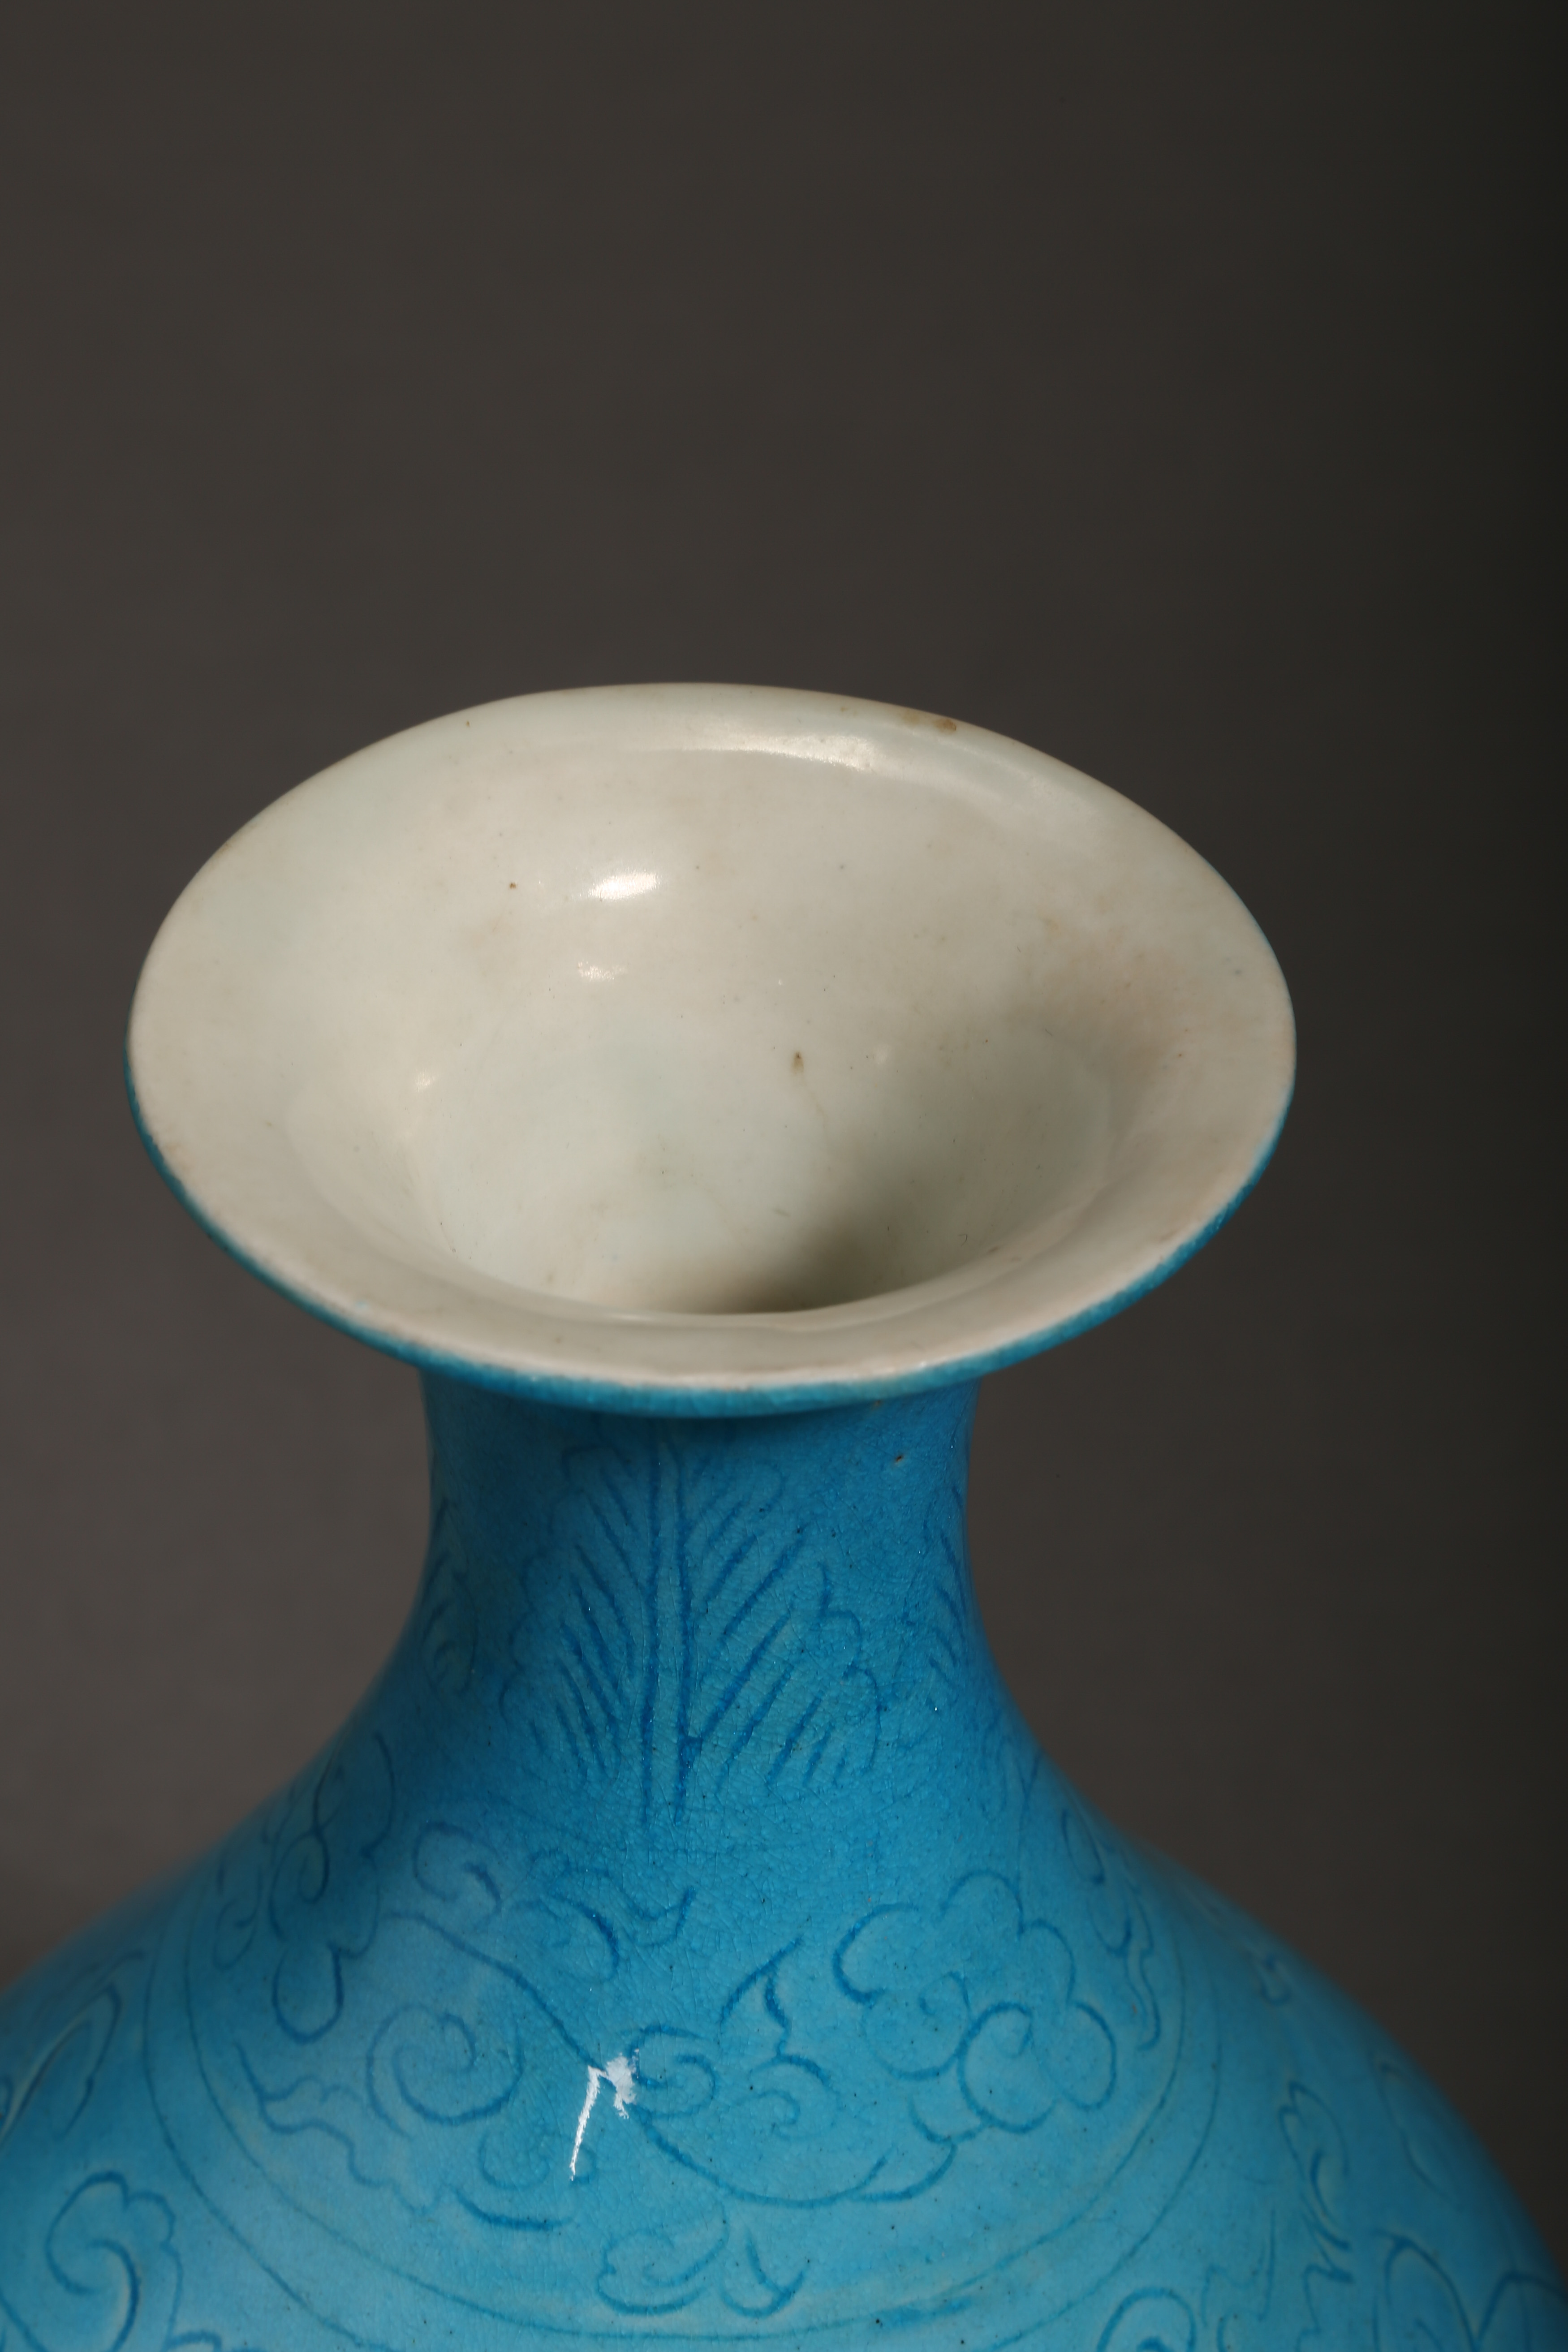 BLUE GLAZED POT, QING DYNASTY, CHINA - Image 7 of 8